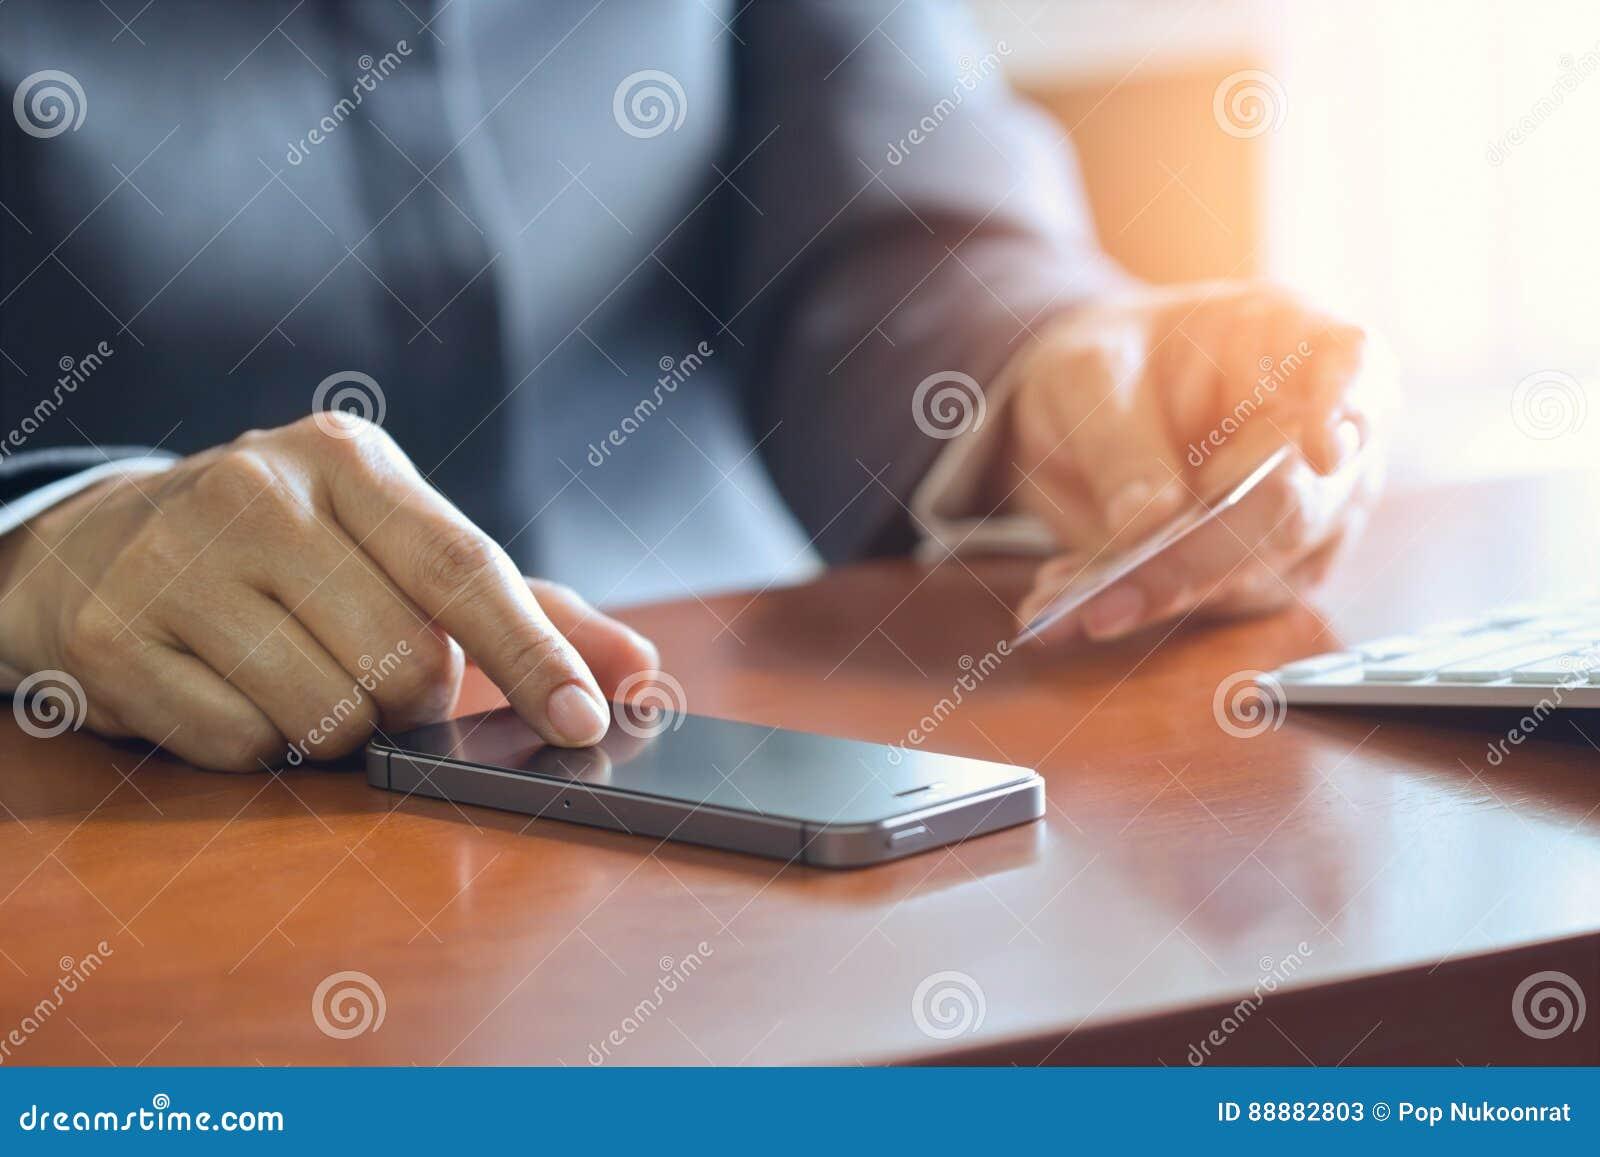 流动付款、女性手使用智能手机和信用卡网上购物的